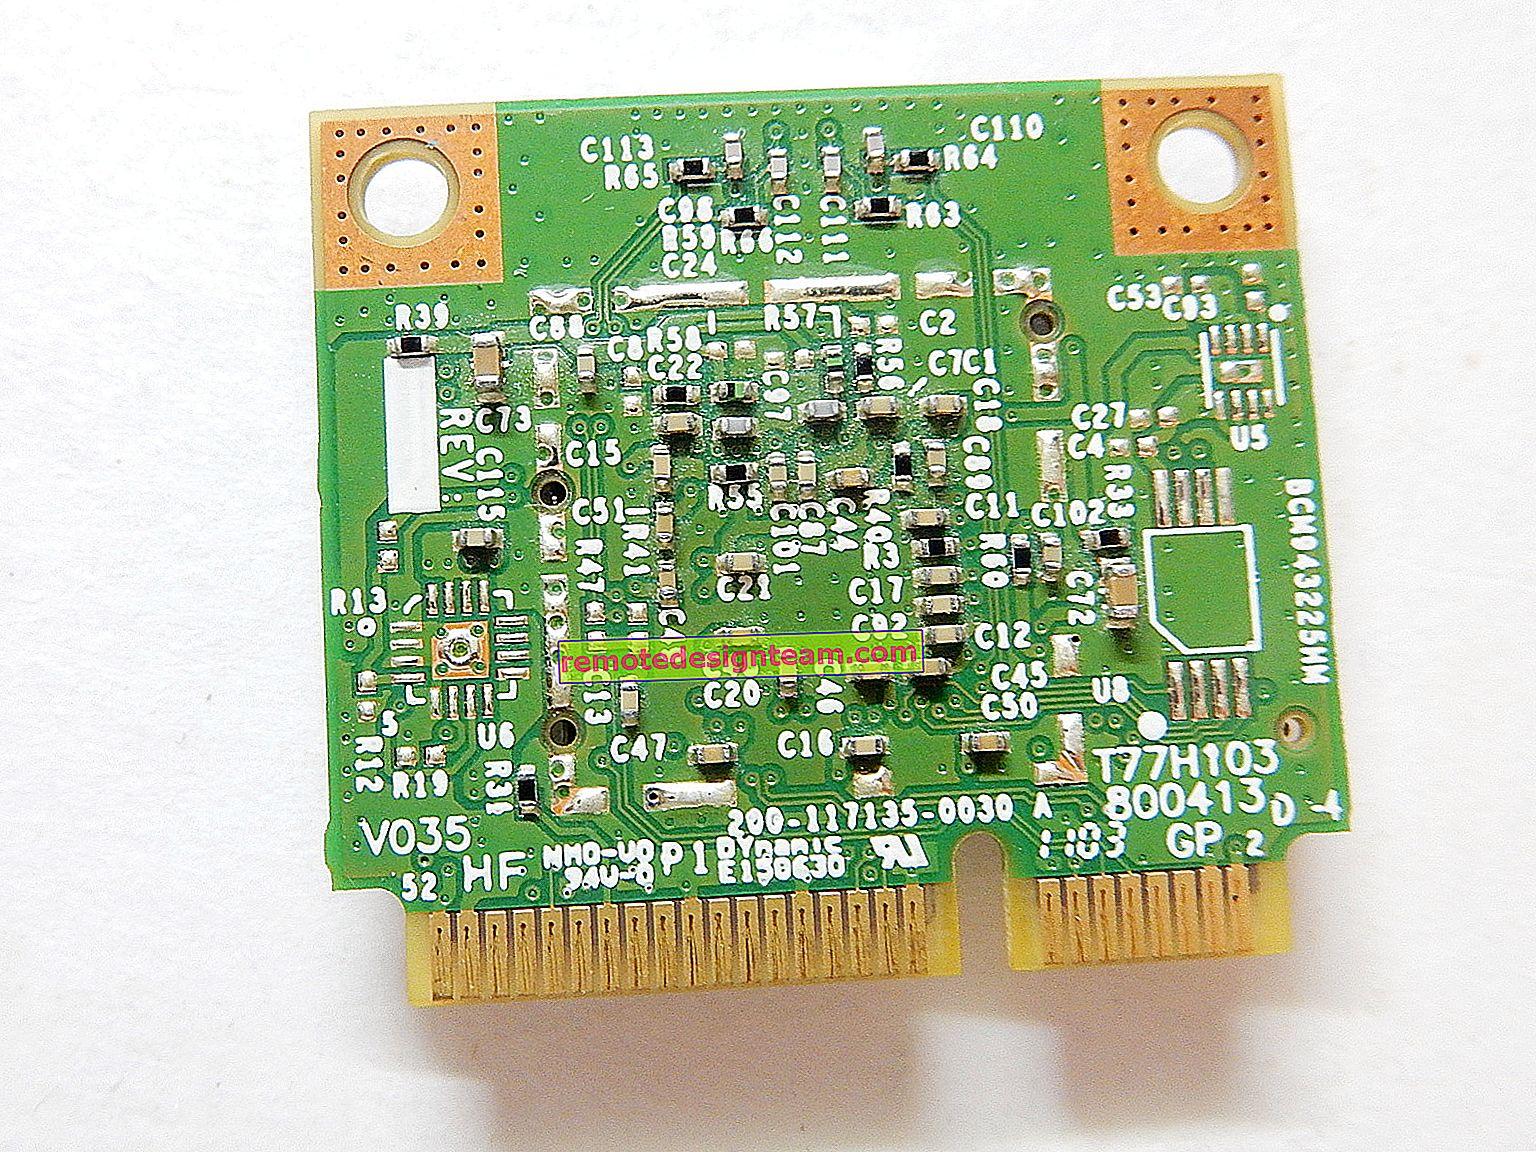 لا يرى الكمبيوتر المحمول وحدة WiFi Mini PCI